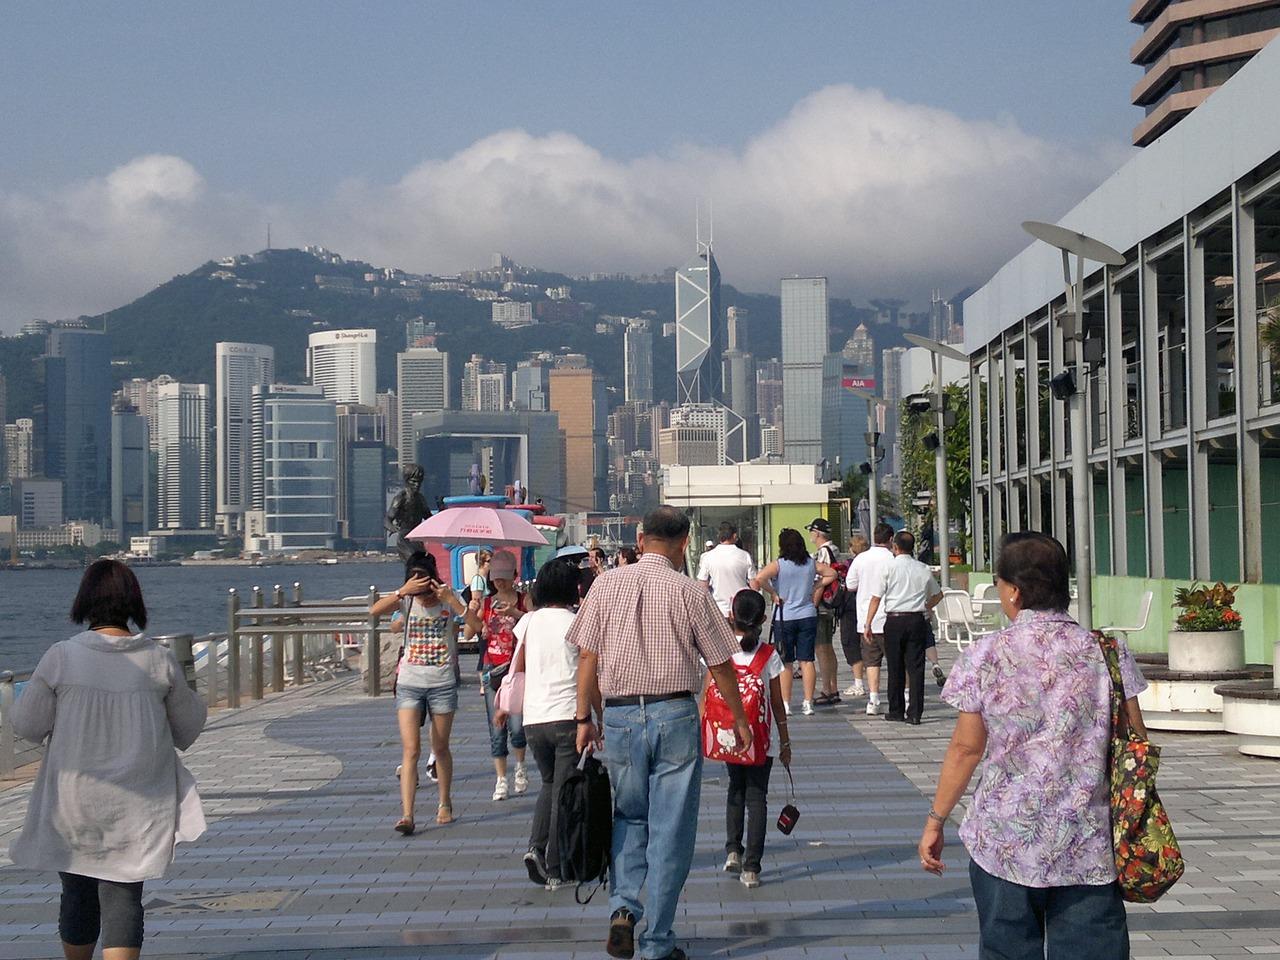 The Hong Kong administration has delayed elections. (Image: via pixabay / CC0 1.0)